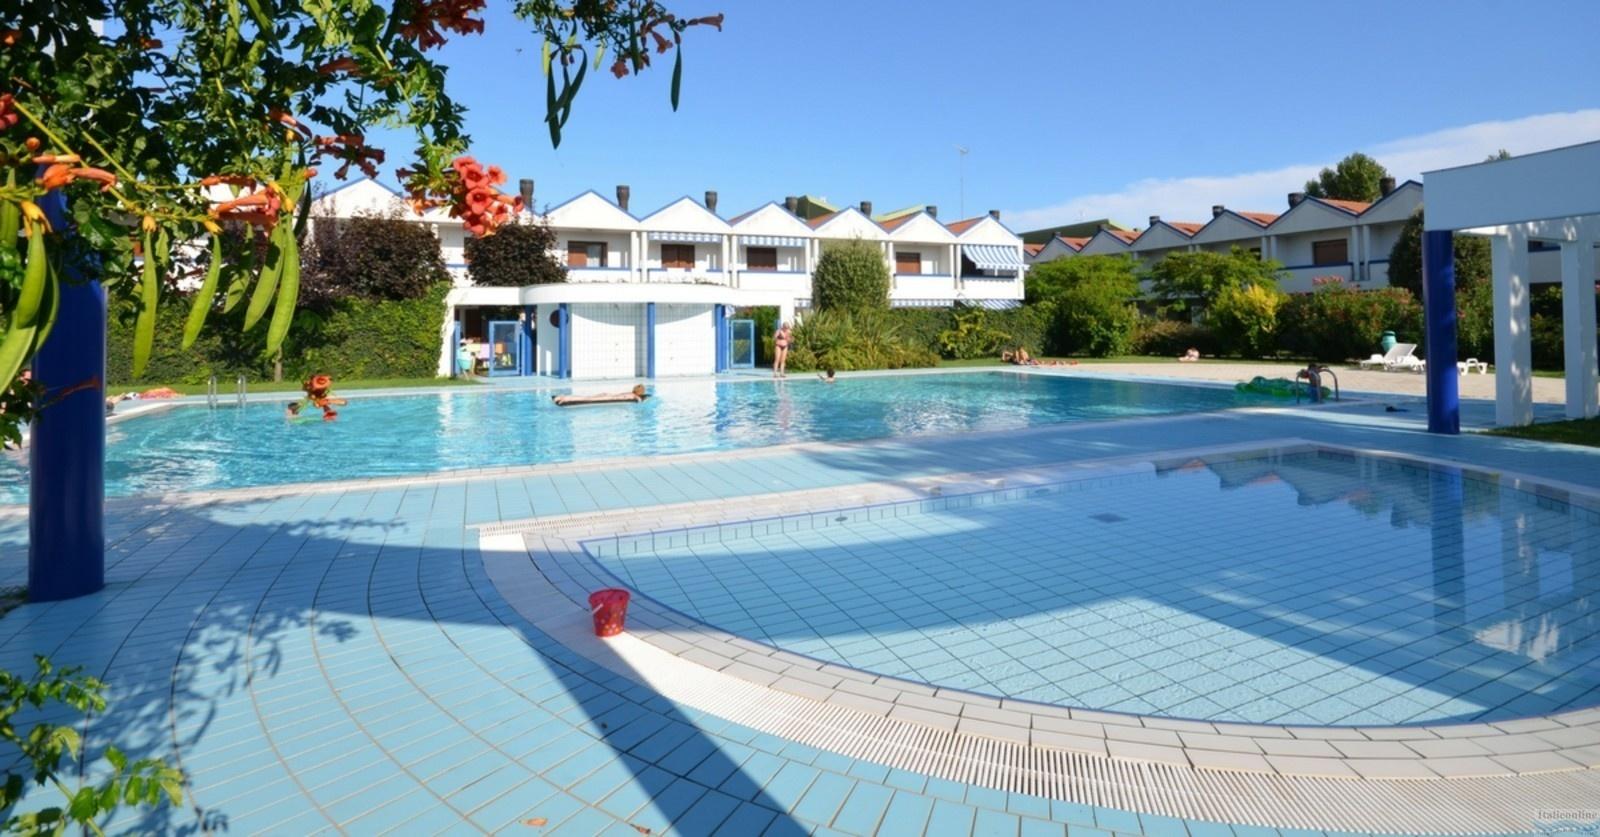 Villaggio maja bibione spiaggia italia italieonline for Piscina olimpia prezzi